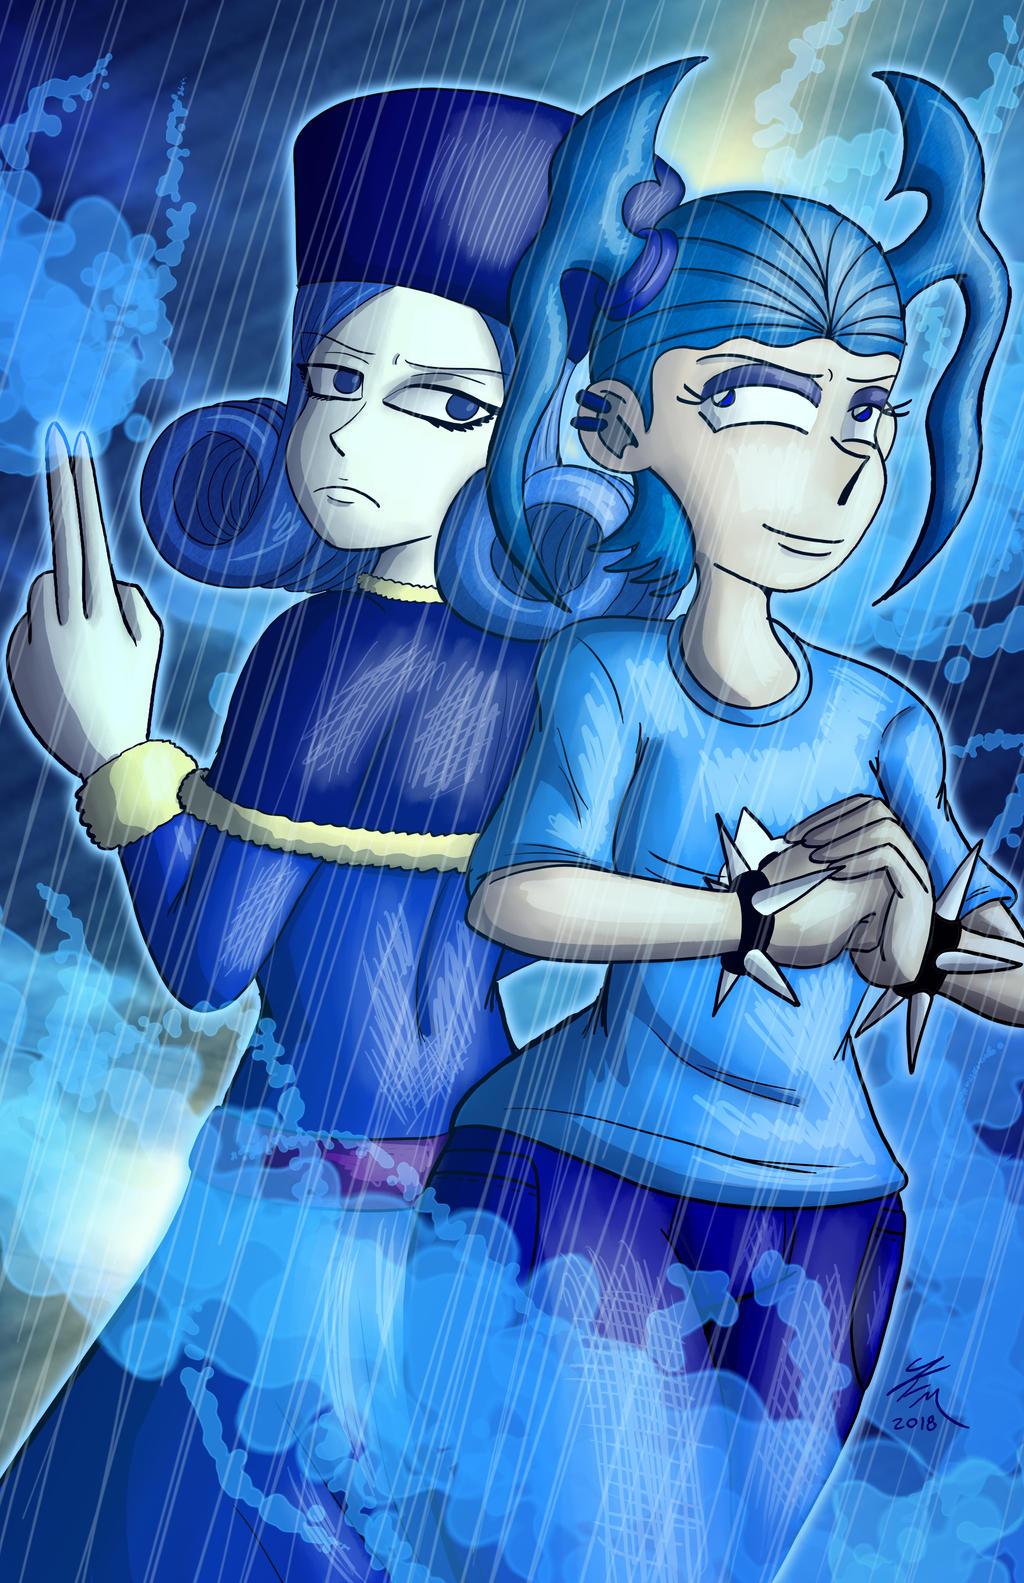 Bloo Rain by JFMstudios